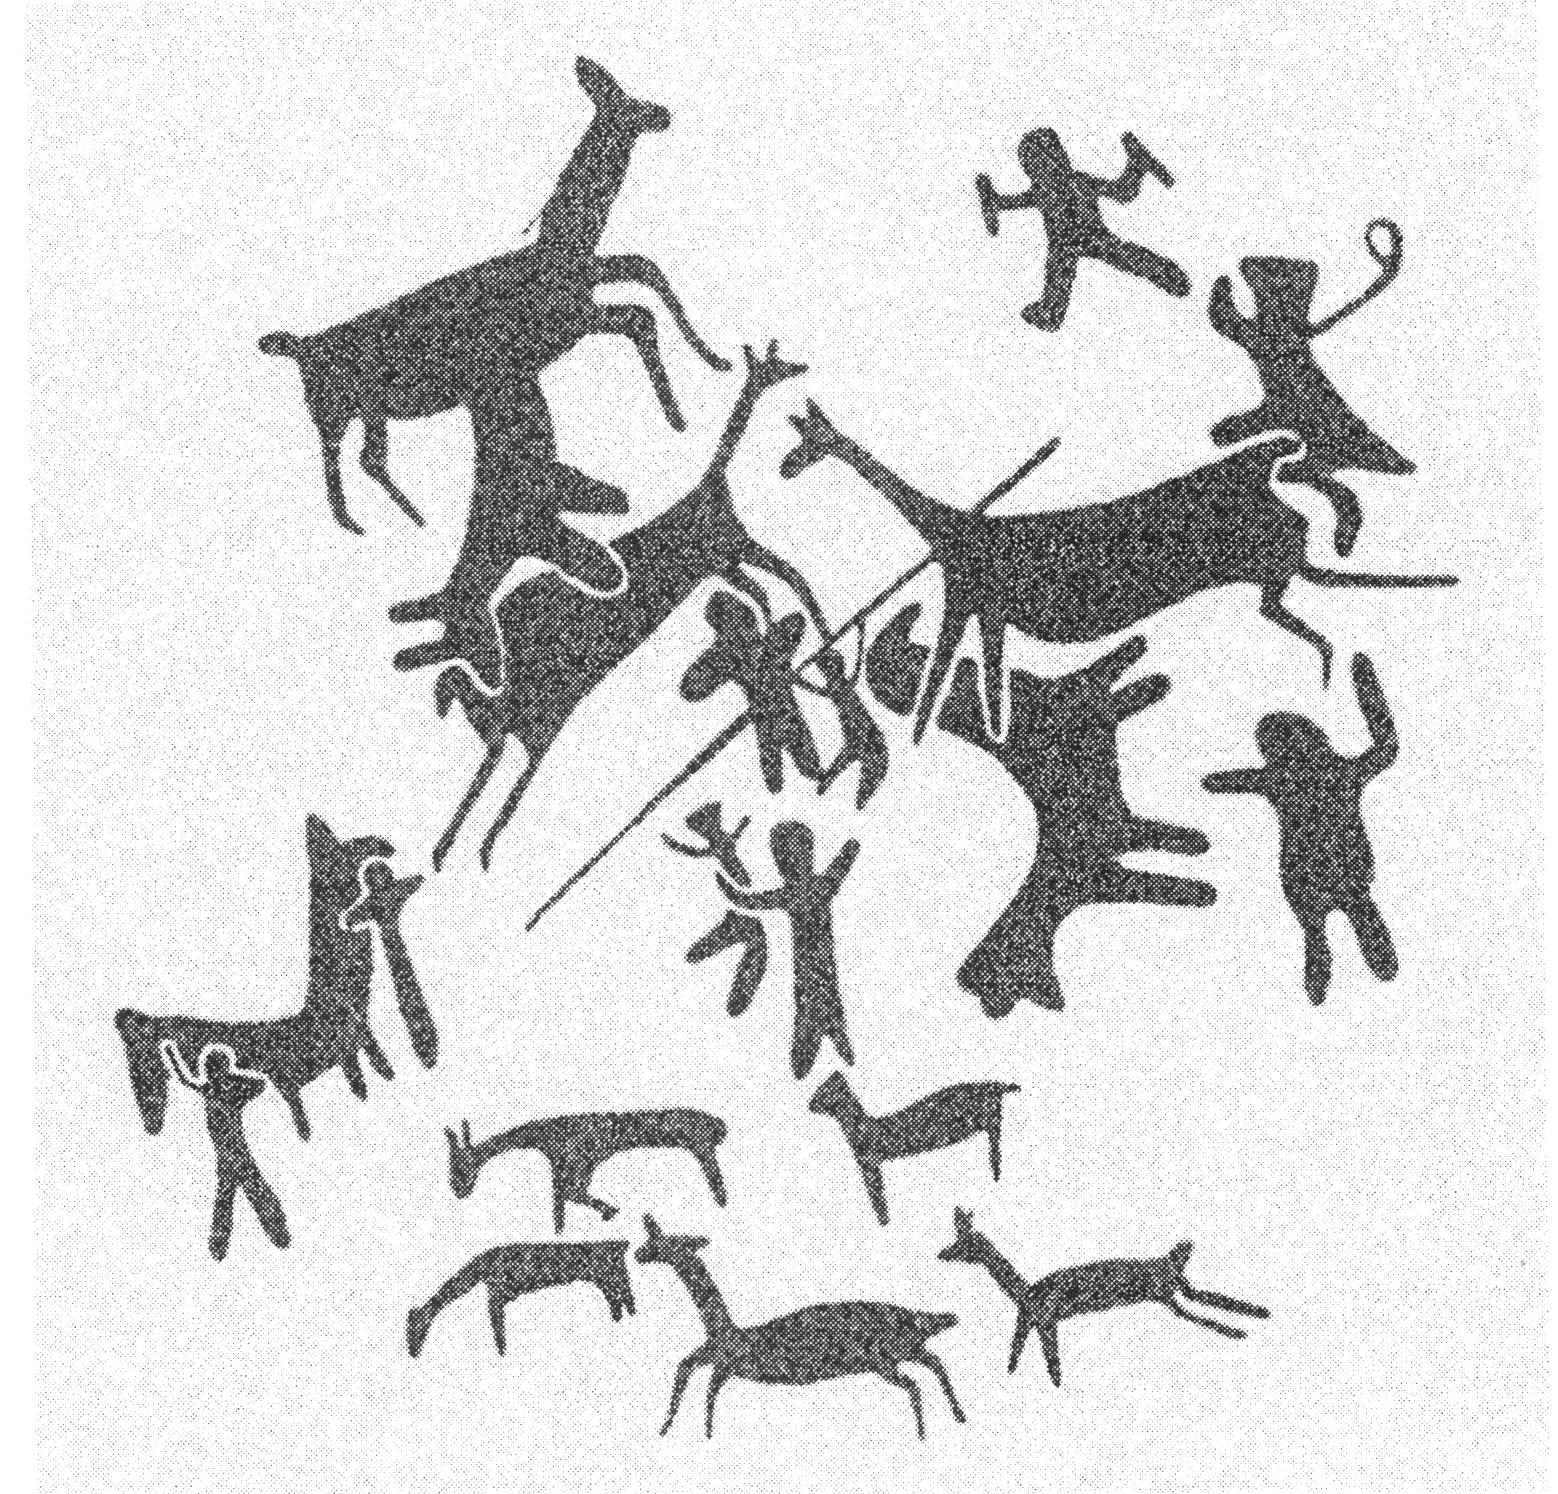 El arte rupestre del antiguo Perú - Capítulo II. Las pinturas ...